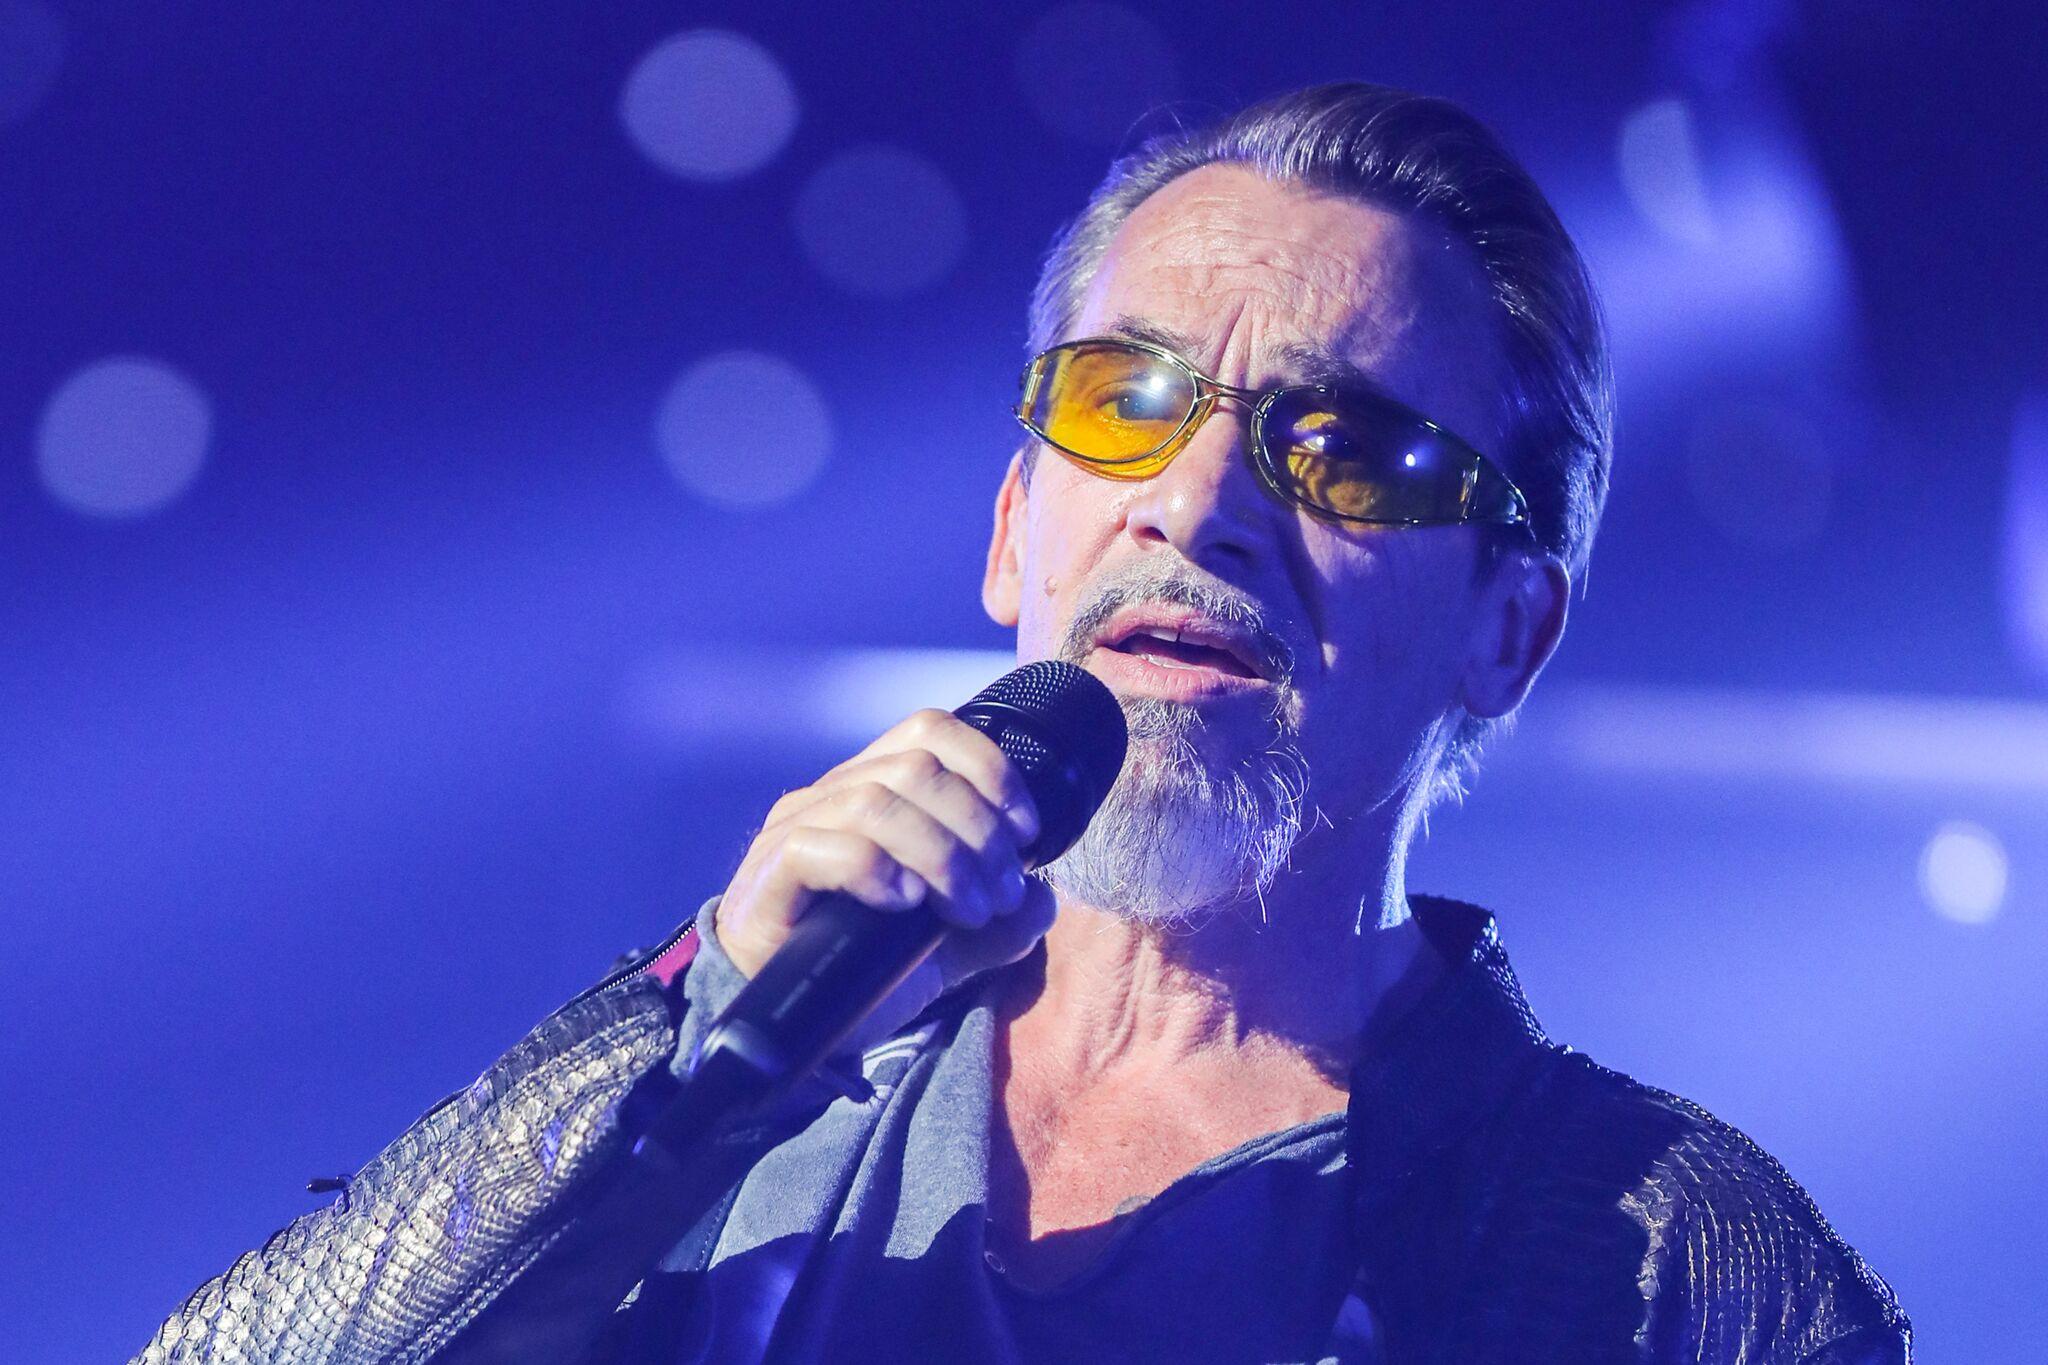 Le chanteur Florent Pagny sur scène. l Source : Getty Images